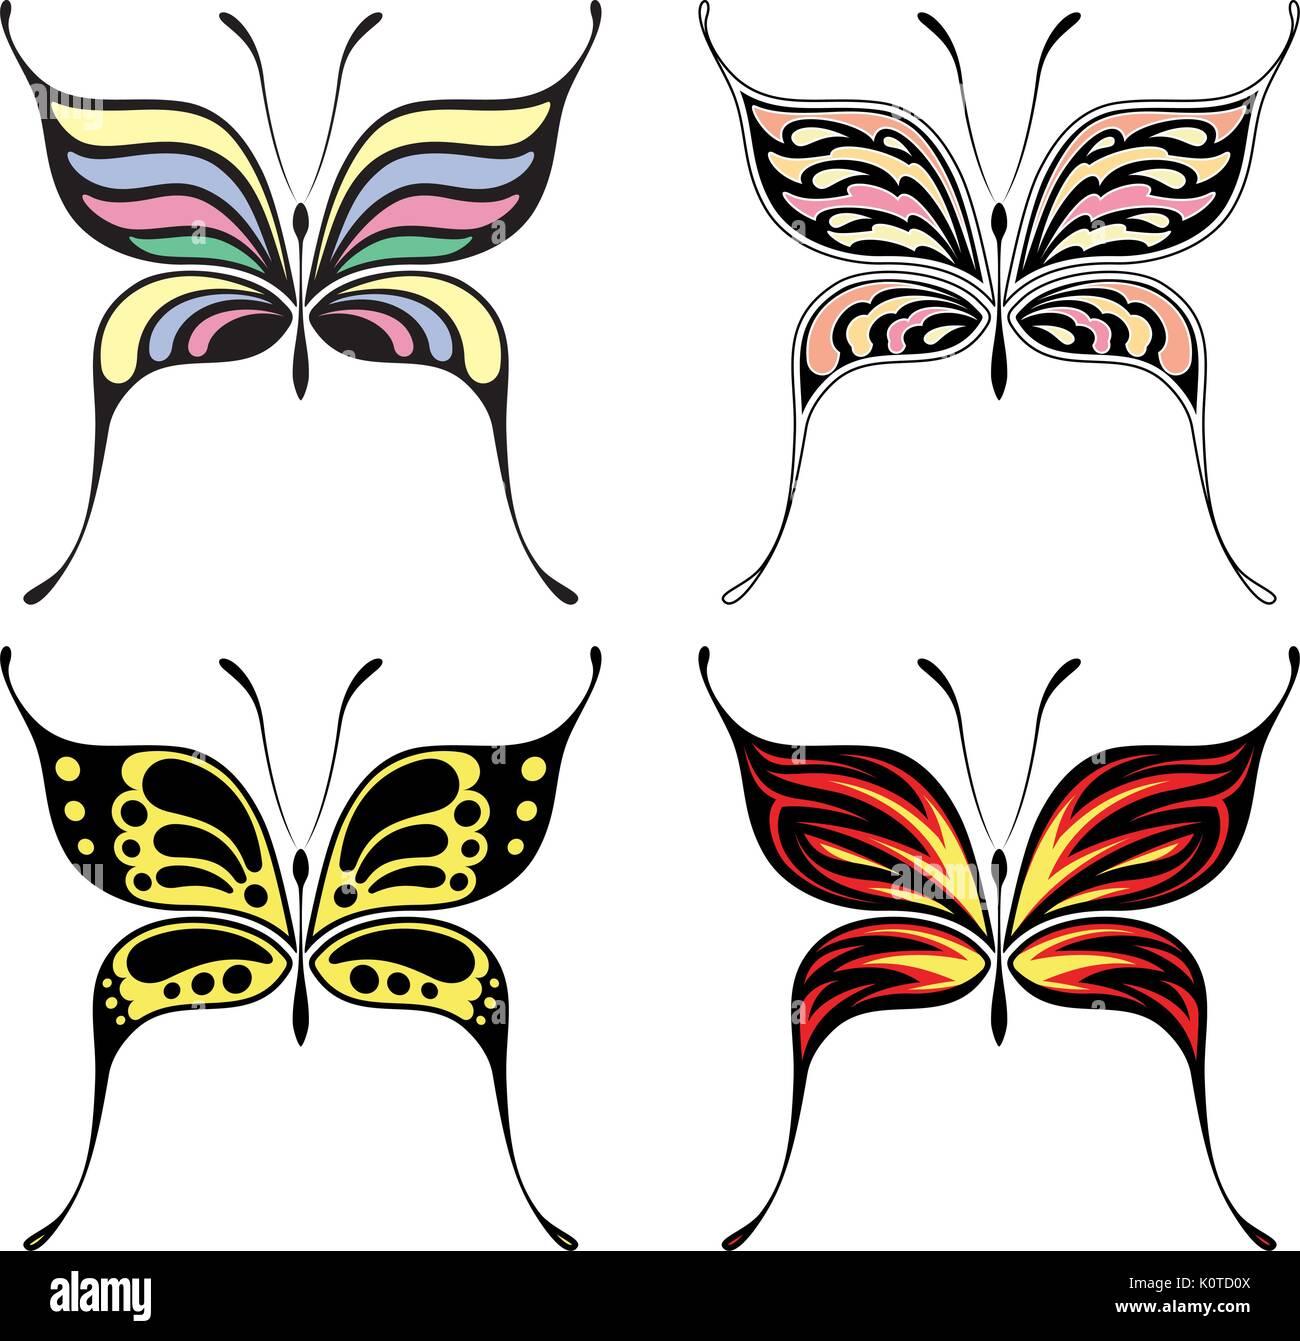 Set Di Quattro Disegni Di Farfalle Isolati Su Sfondo Bianco In